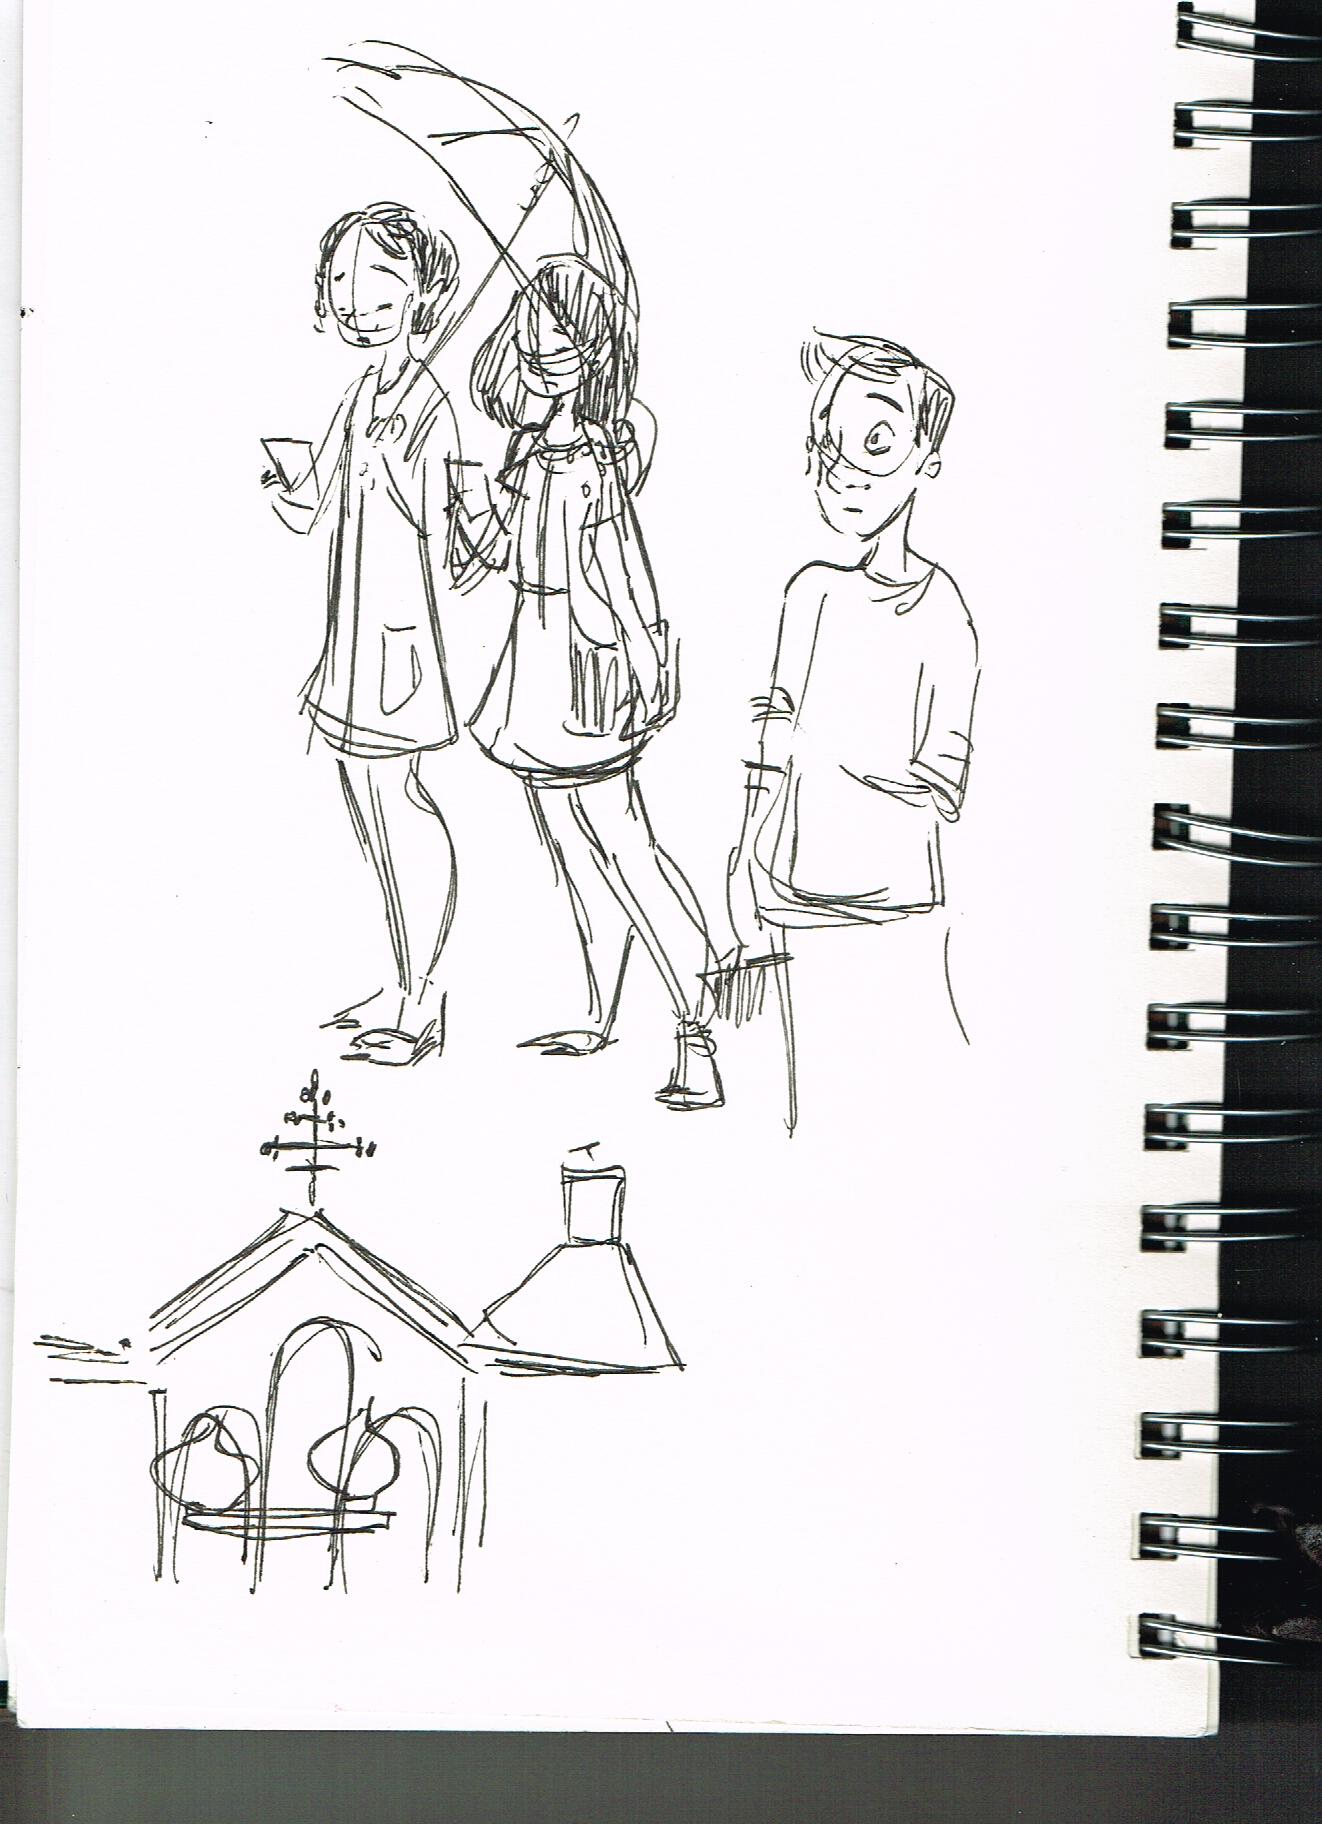 vacation_sketchbook_013.jpg